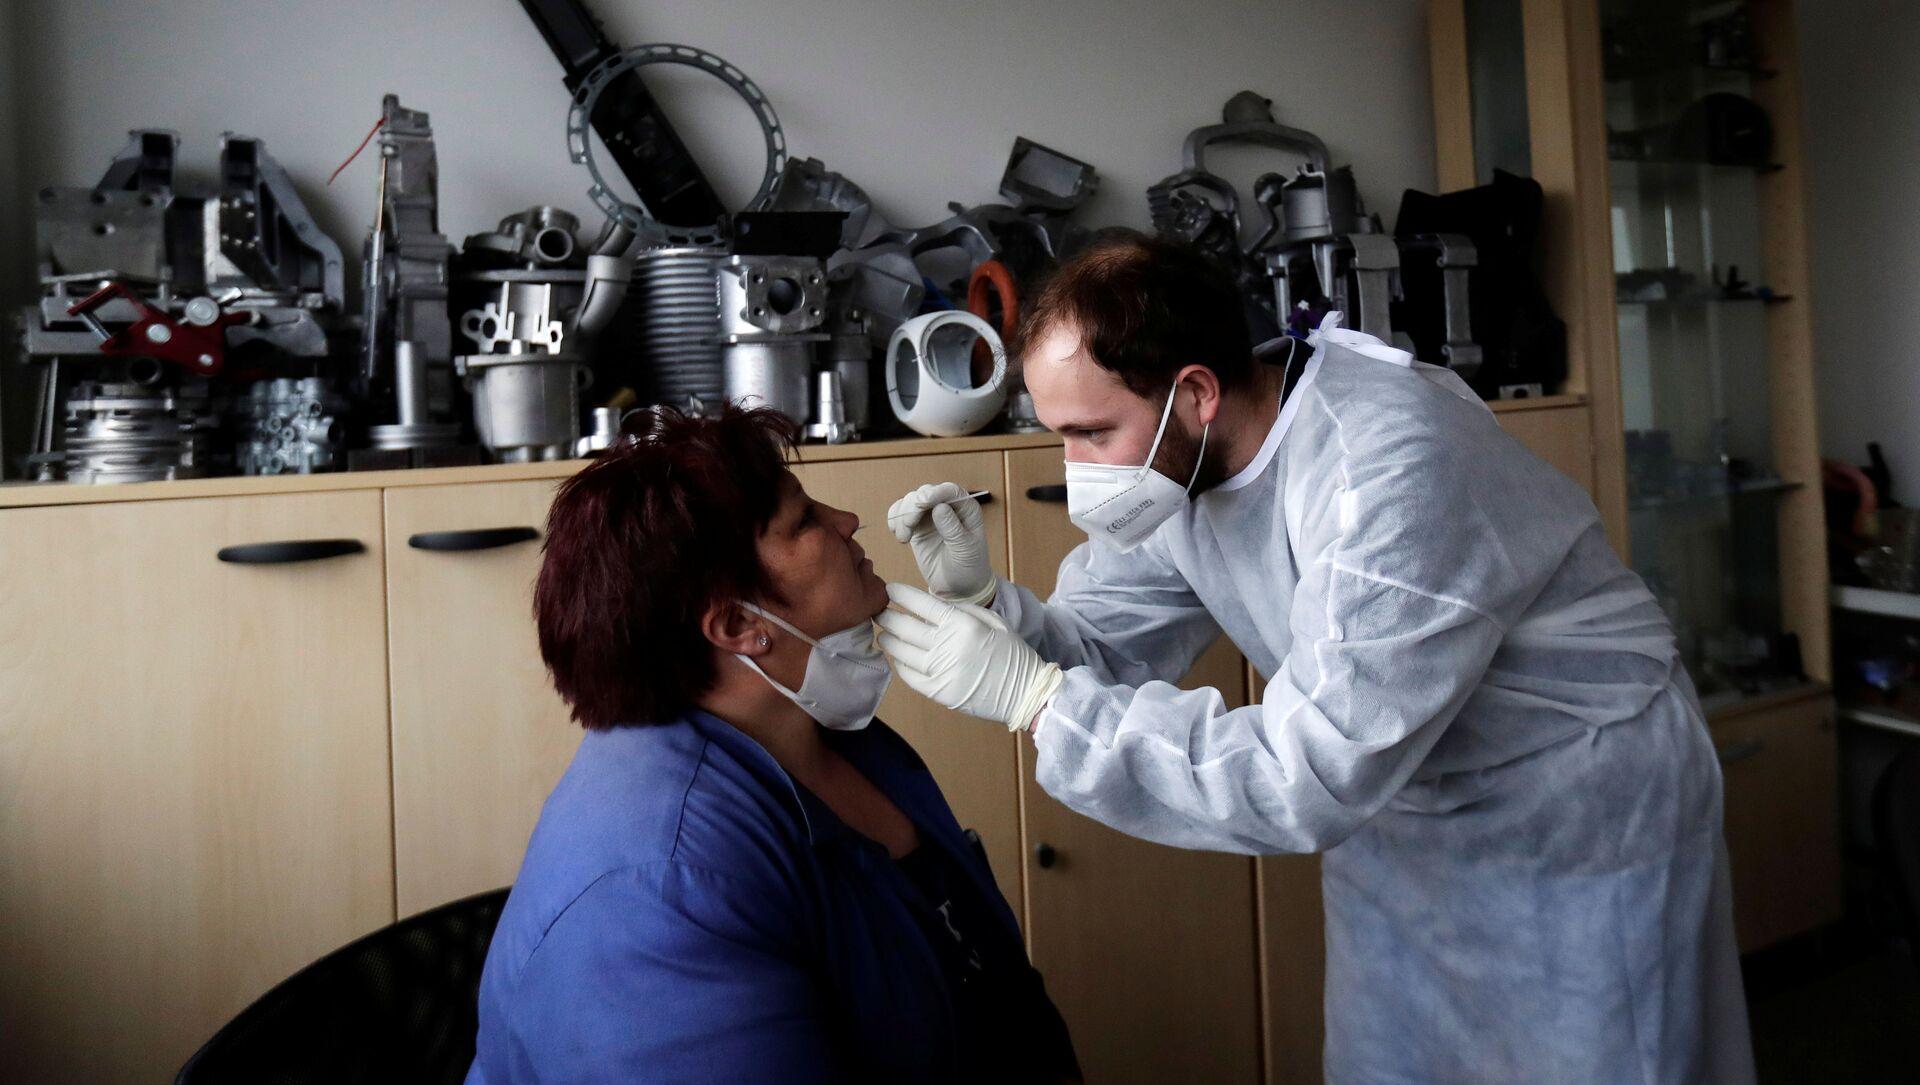 Testování na koronavirus zaměstnanců technologické společnosti Benes and Lat v Česku - Sputnik Česká republika, 1920, 15.03.2021